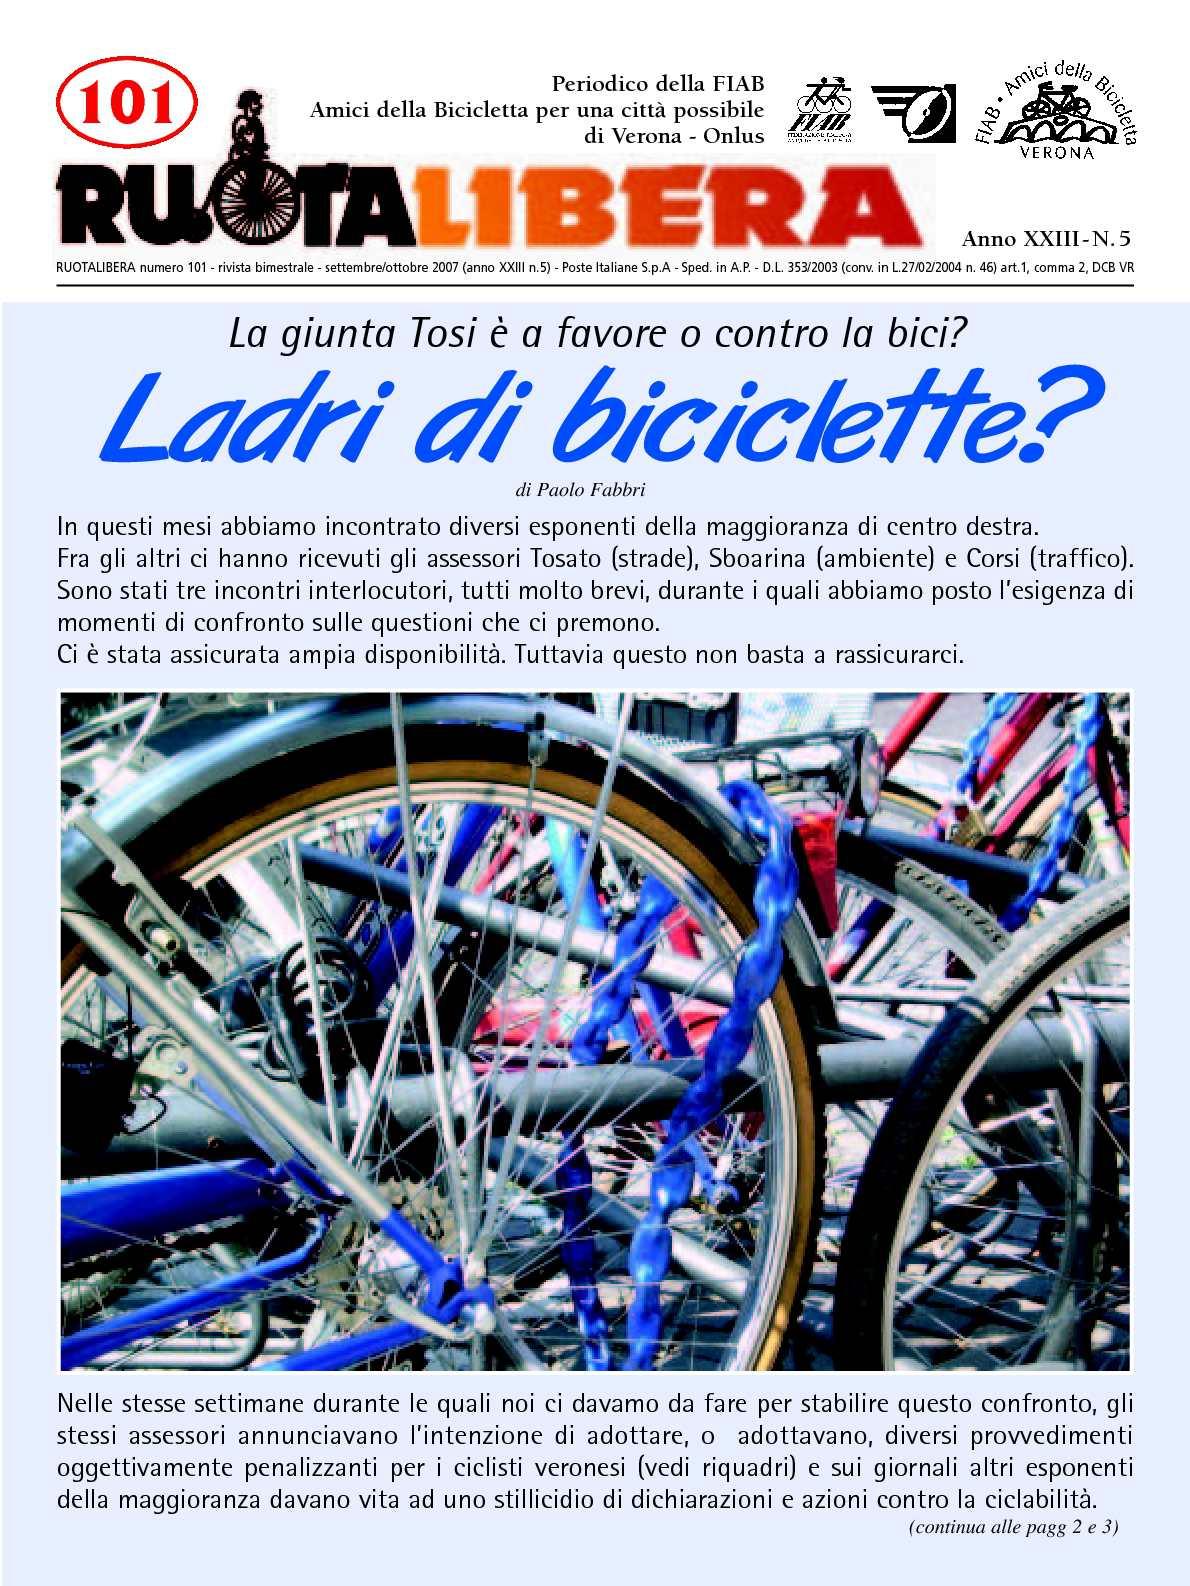 Ruotalibera 101 (settembre/ottobre 2007) - FIAB AdB Verona